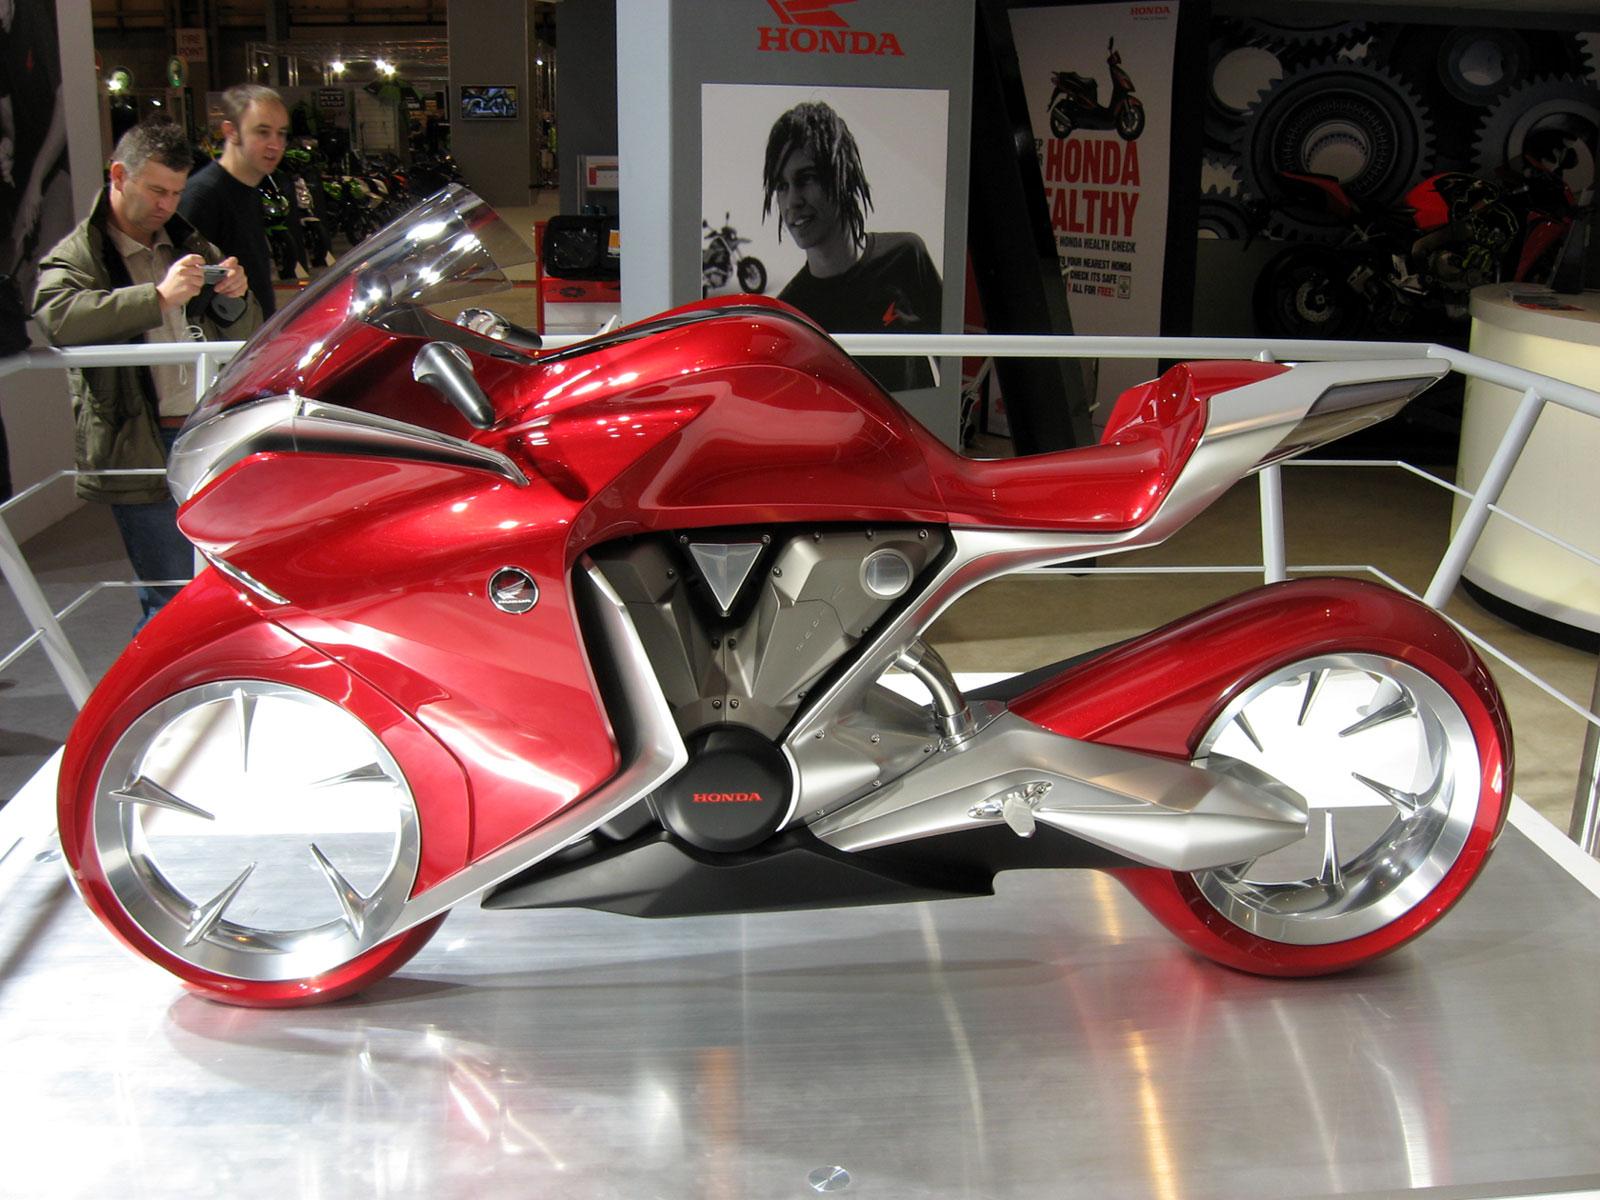 imagenes espectaculares  (motos-paisajes-autos..de todo..)